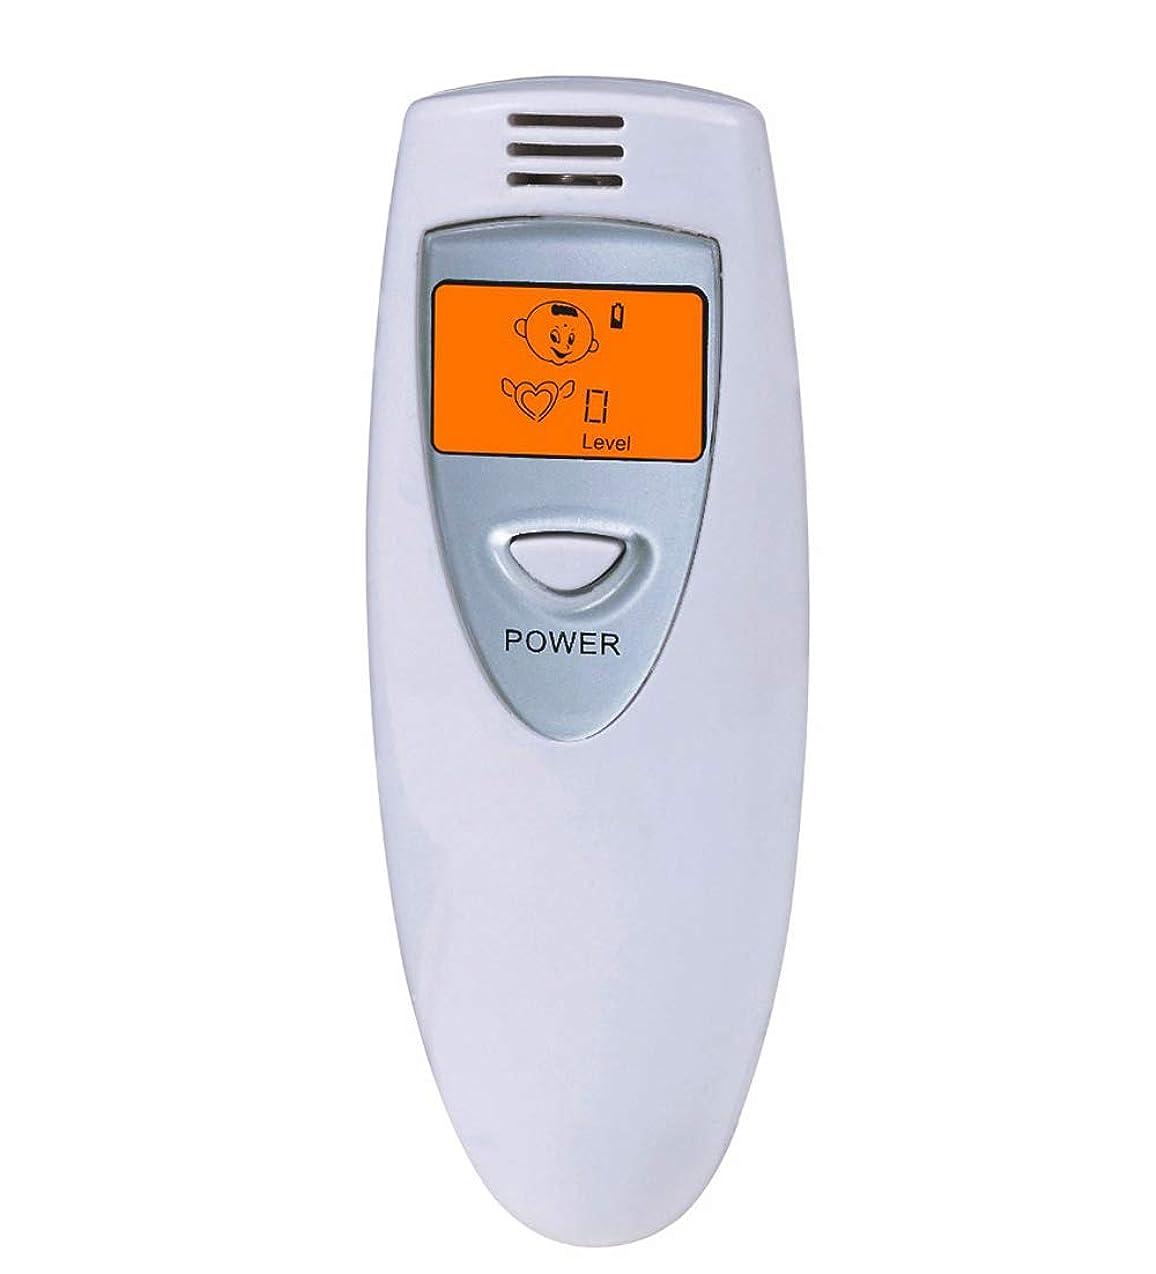 しおれた部分請求【瞬時測定】 携帯ブレスチェッカー デジタル口臭チェッカー 5段階レベル表示 コンパークト口臭予防検査器 大人子供エチケット (Grey)